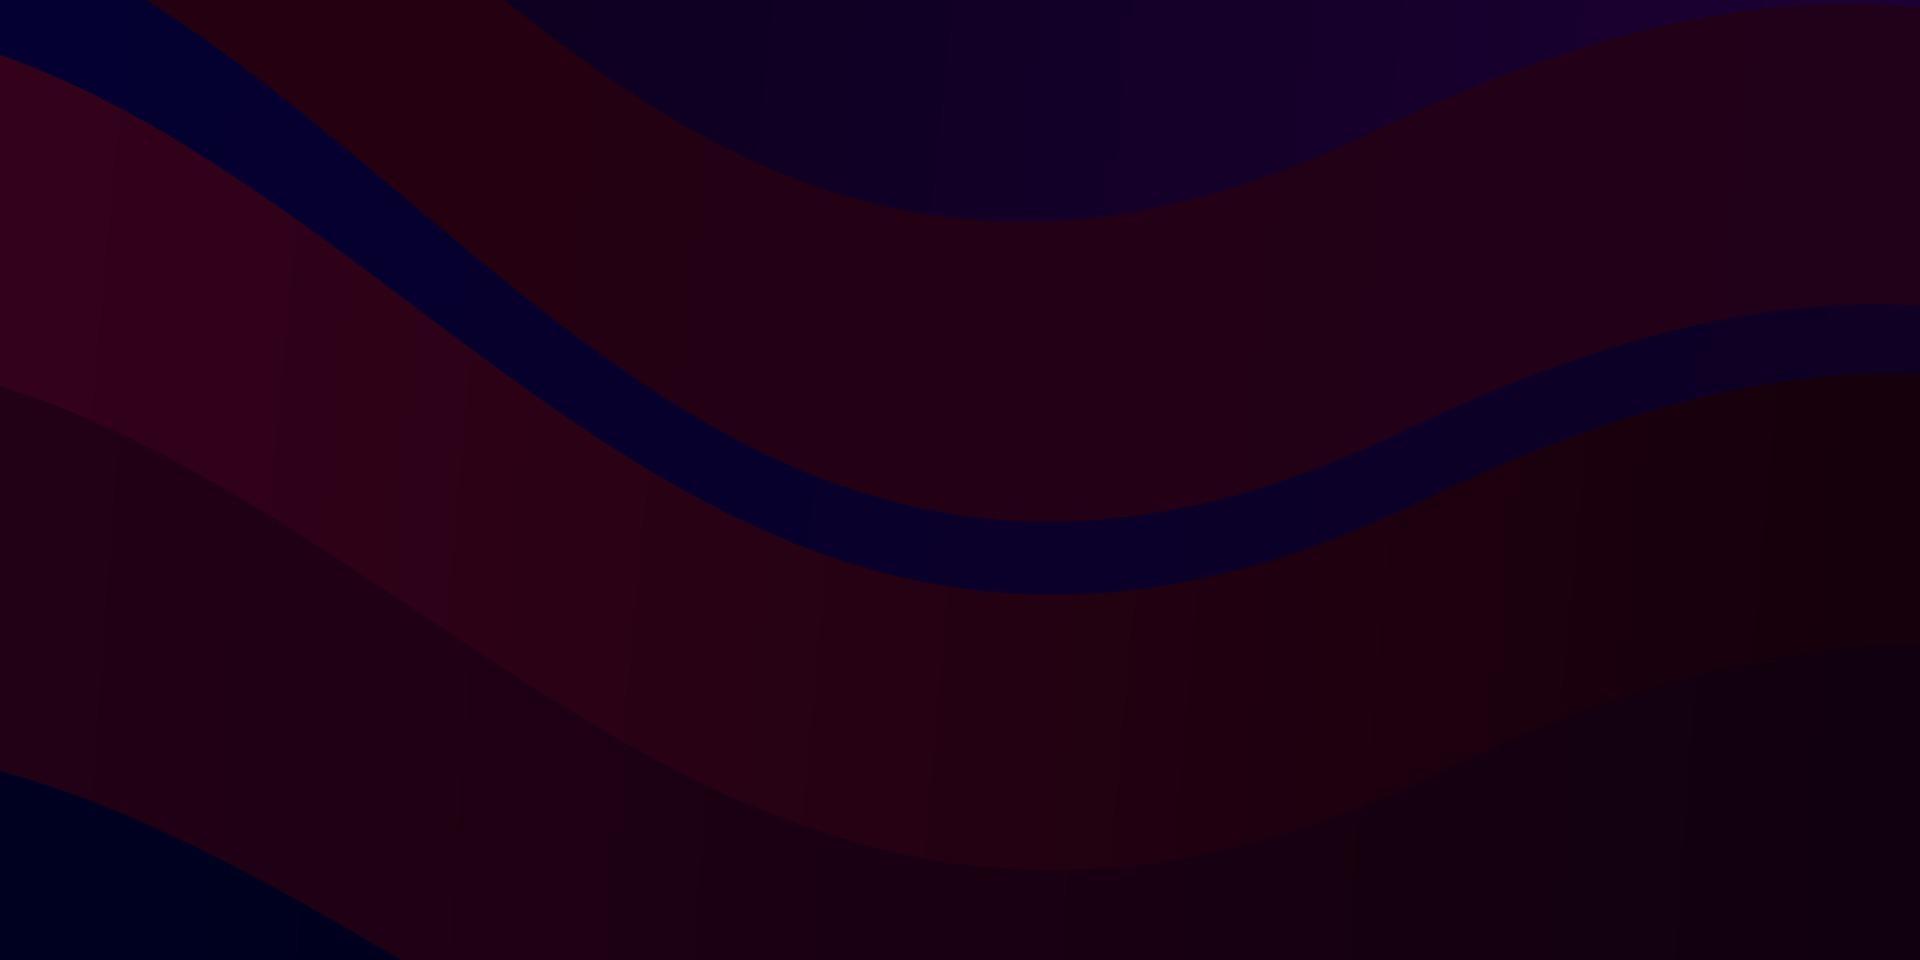 modello vettoriale blu scuro, rosso con linee.